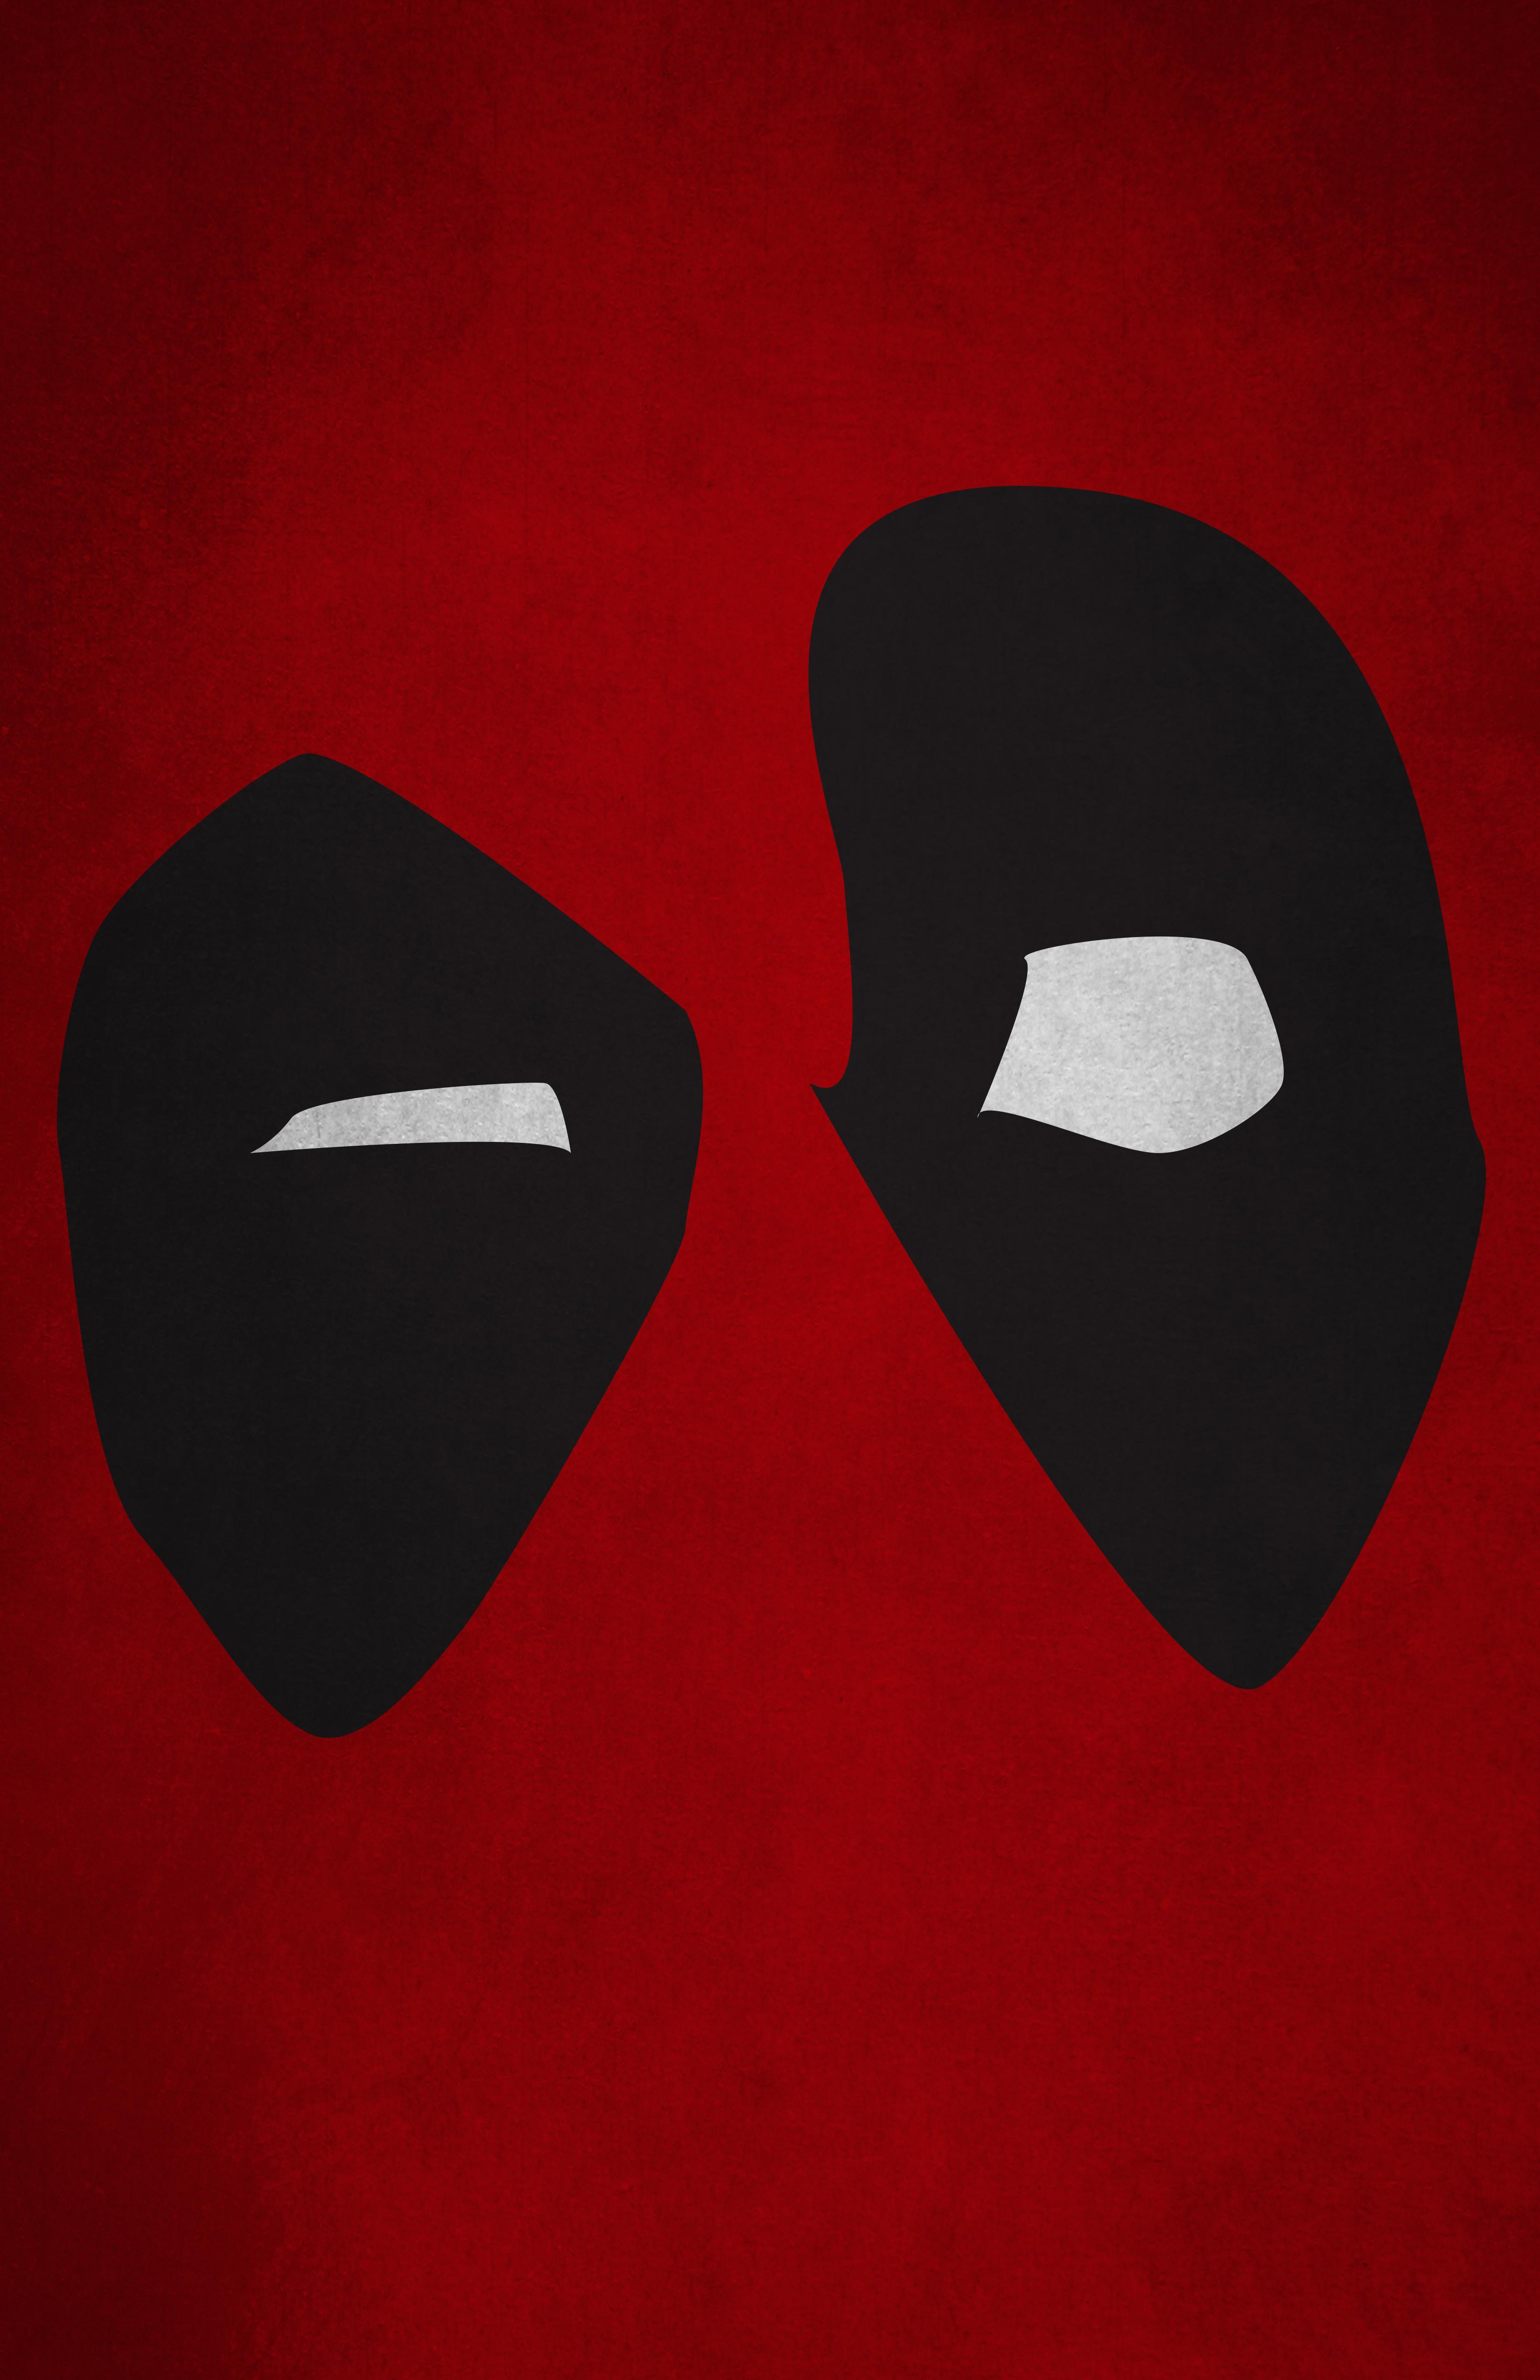 Deadpool Minimalism